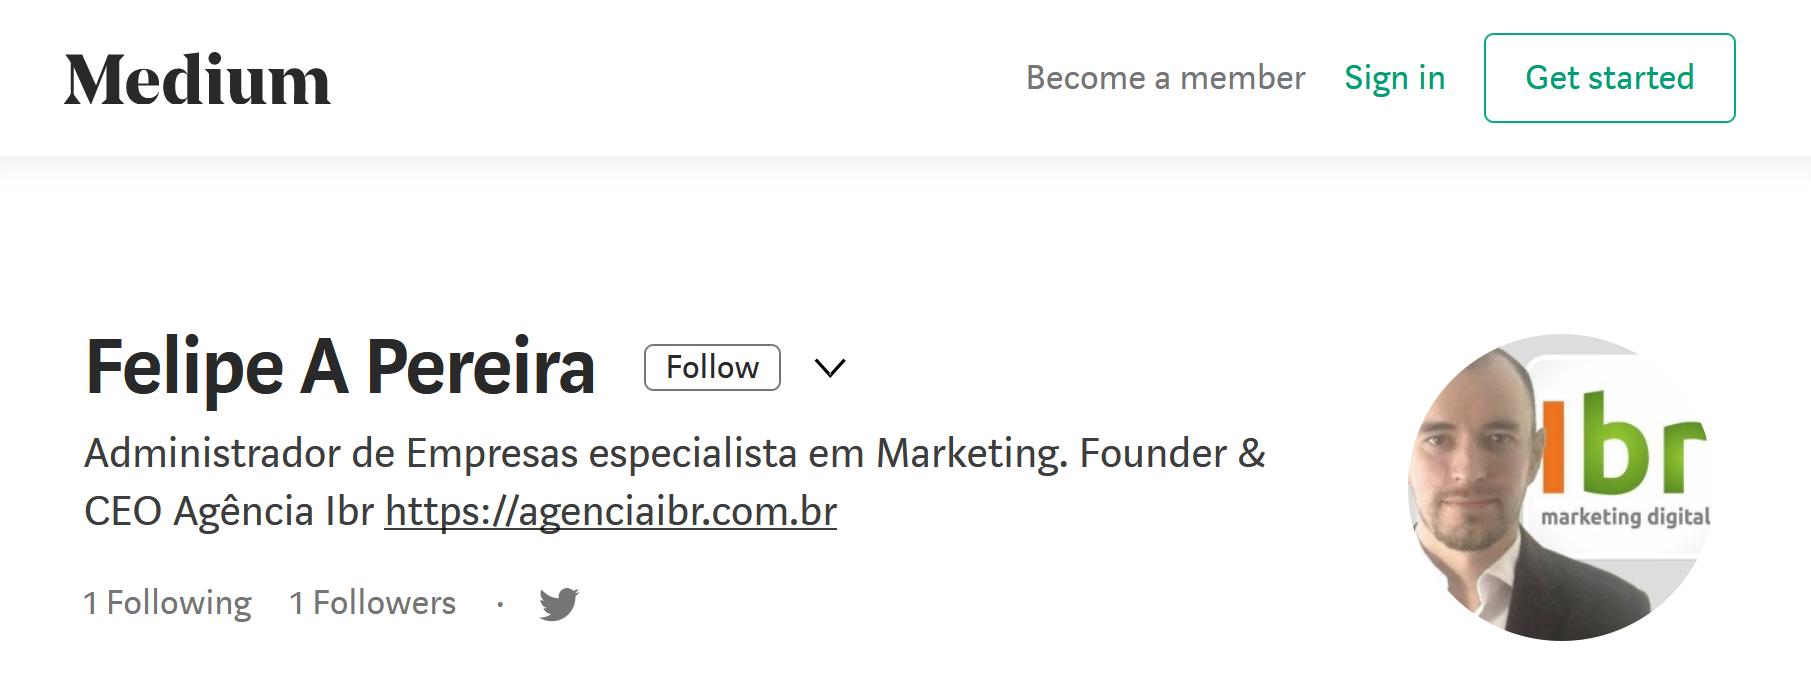 Felipe A Pereira no Medium